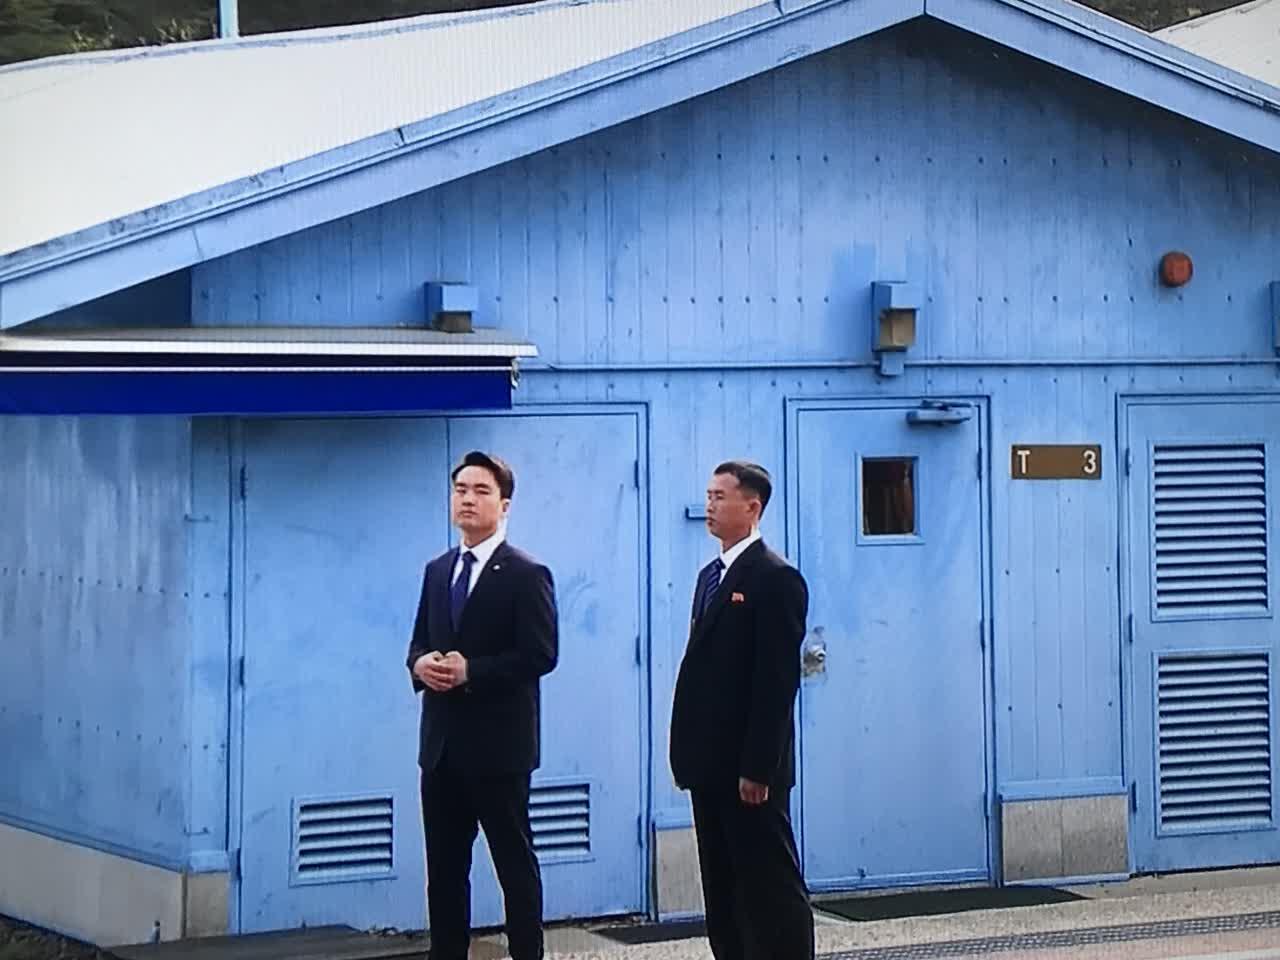 韓國和朝鮮雙方安保人員 韓國電視台截圖